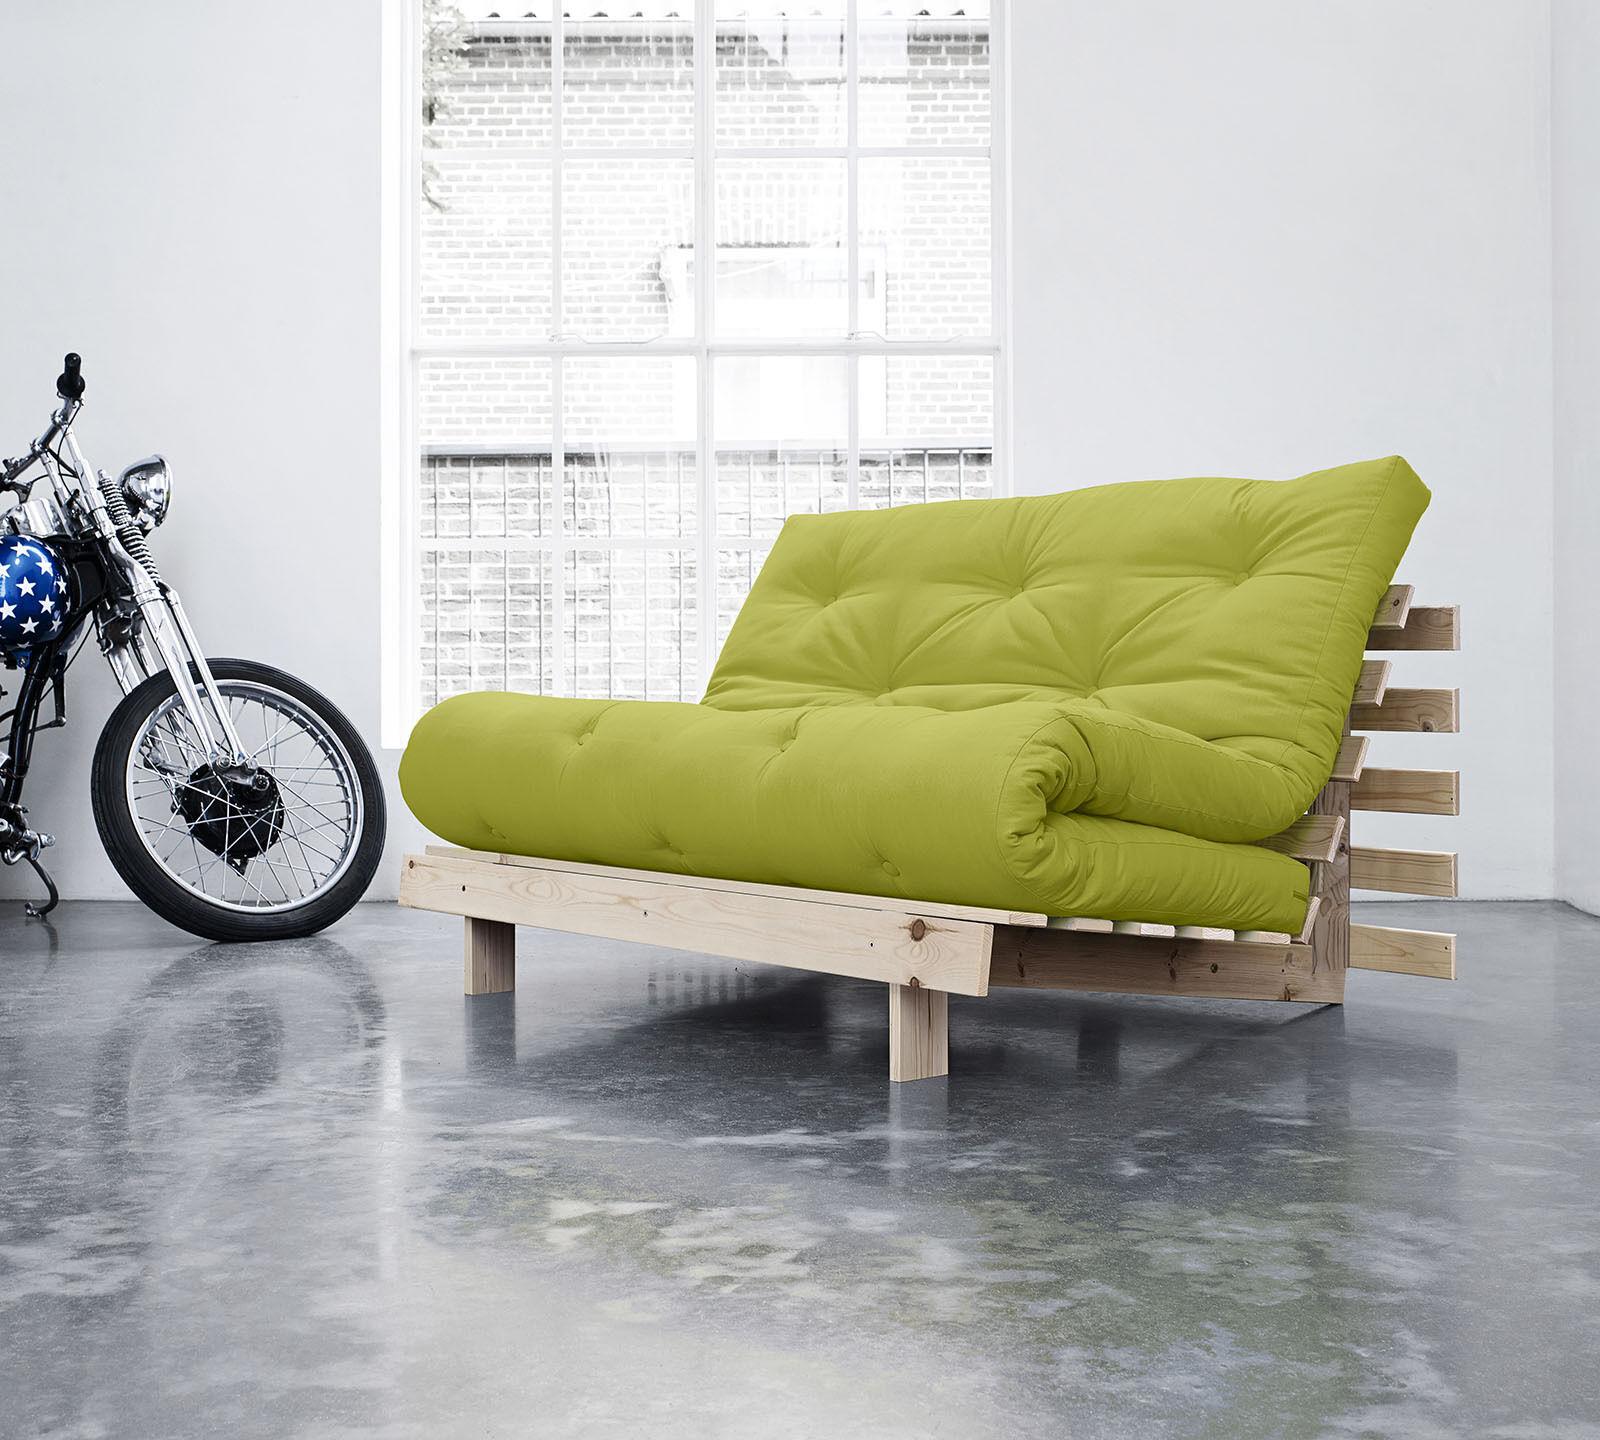 Divano letto futon Roots 140 di Karup